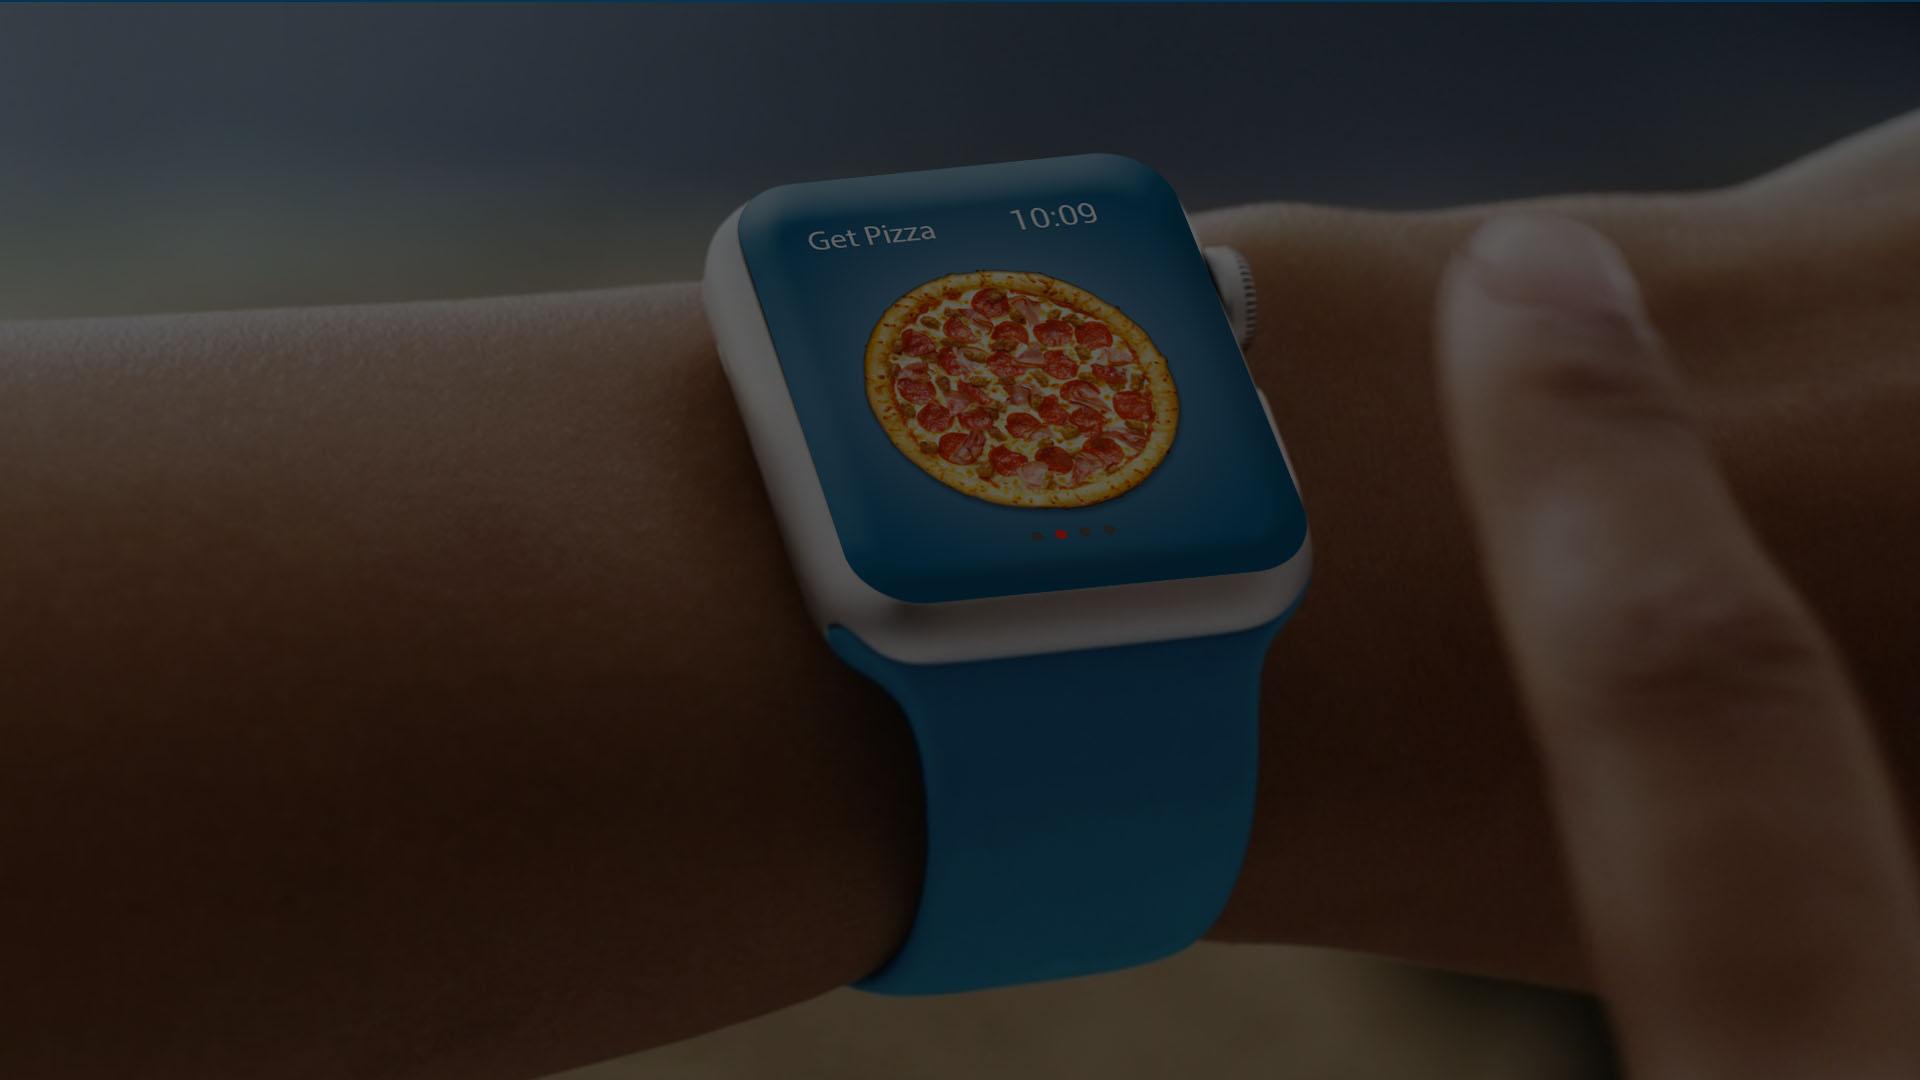 Dominoes Get Pizza